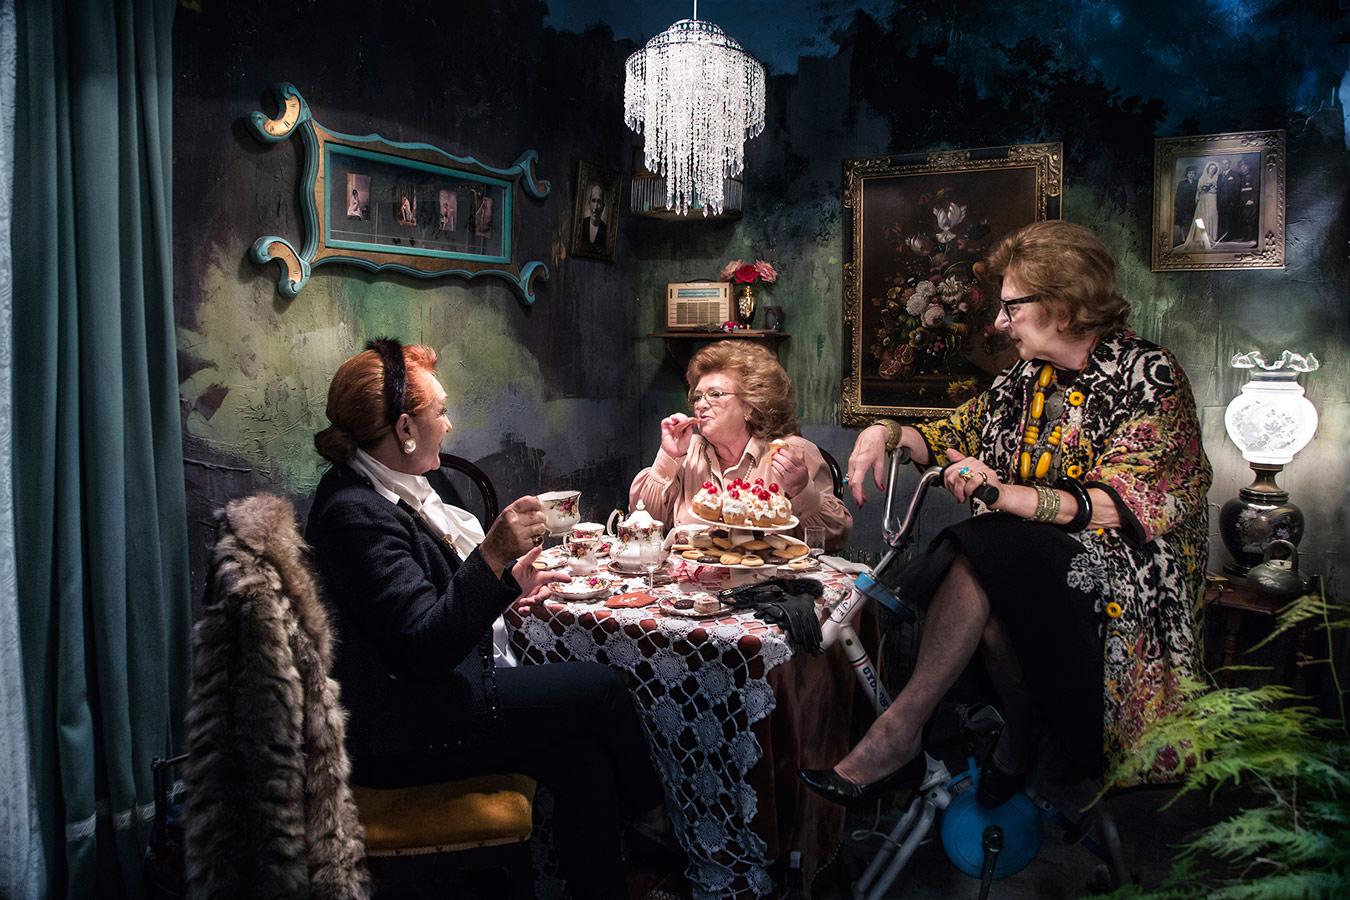 © Хесус Чакон, Победитель V премии Халона Анхеля 2019 года в жанре «Портрет», Конкурс фотографий Халона Анхеля — Jalon Angel Photography Awards